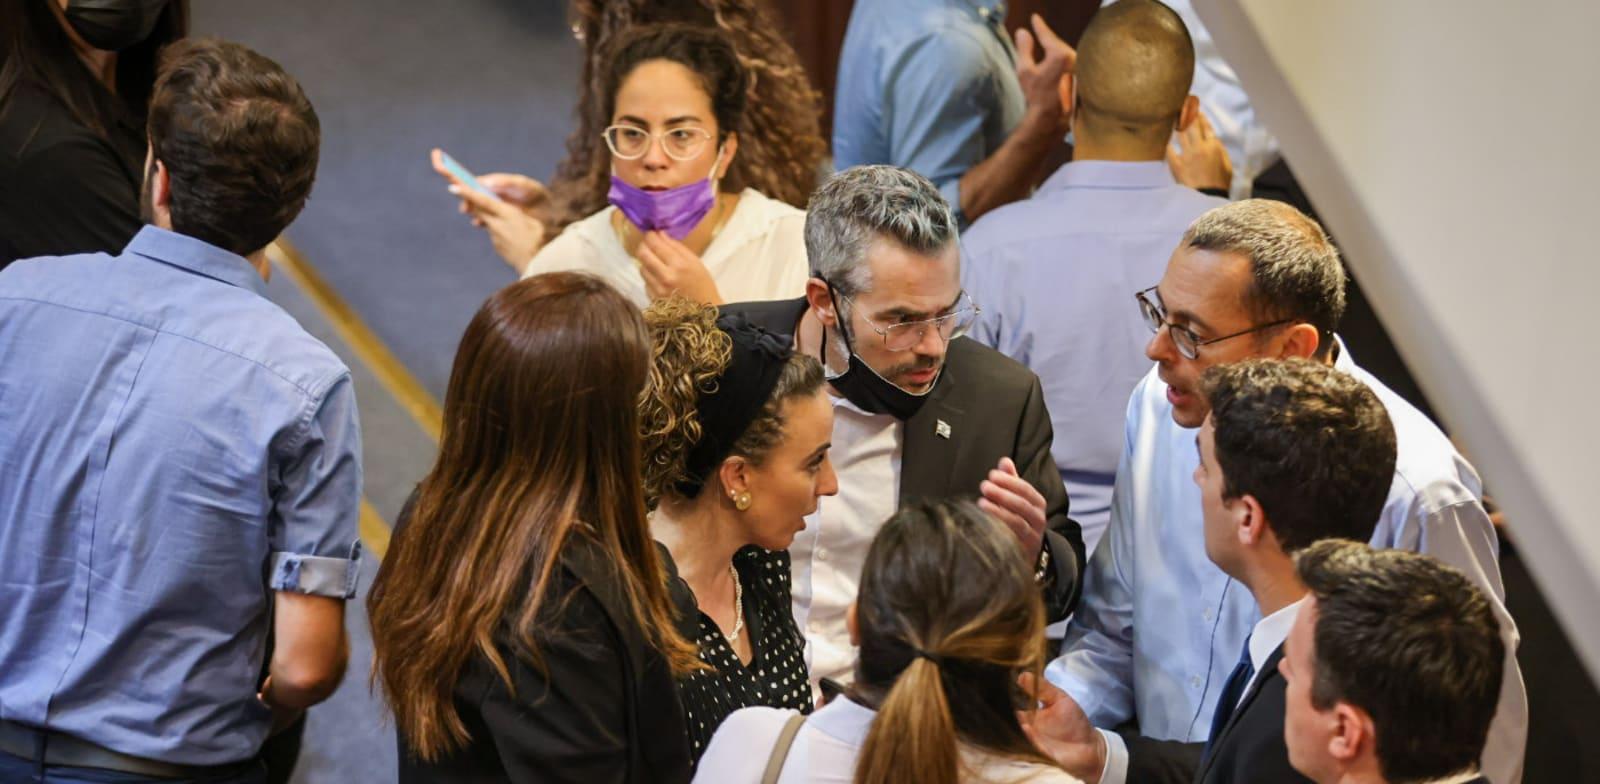 מליאת הכנסת, היום / צילום: נועם מושקוביץ, דוברות הכנסת